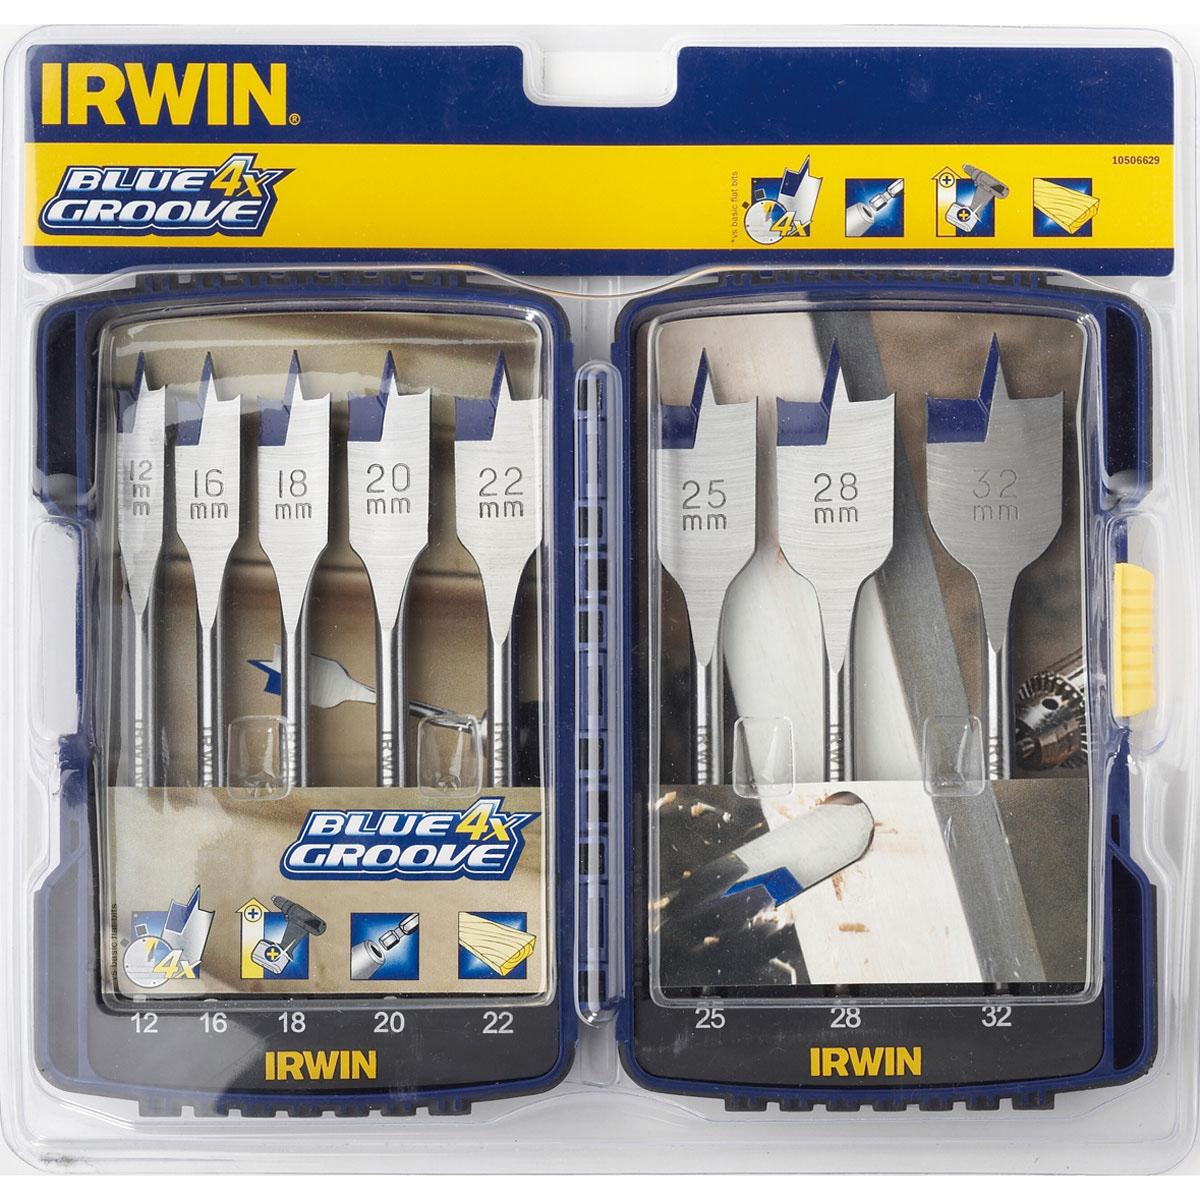 IRWIN 10506629 - Flat Drill Bit Set; 8Pcs